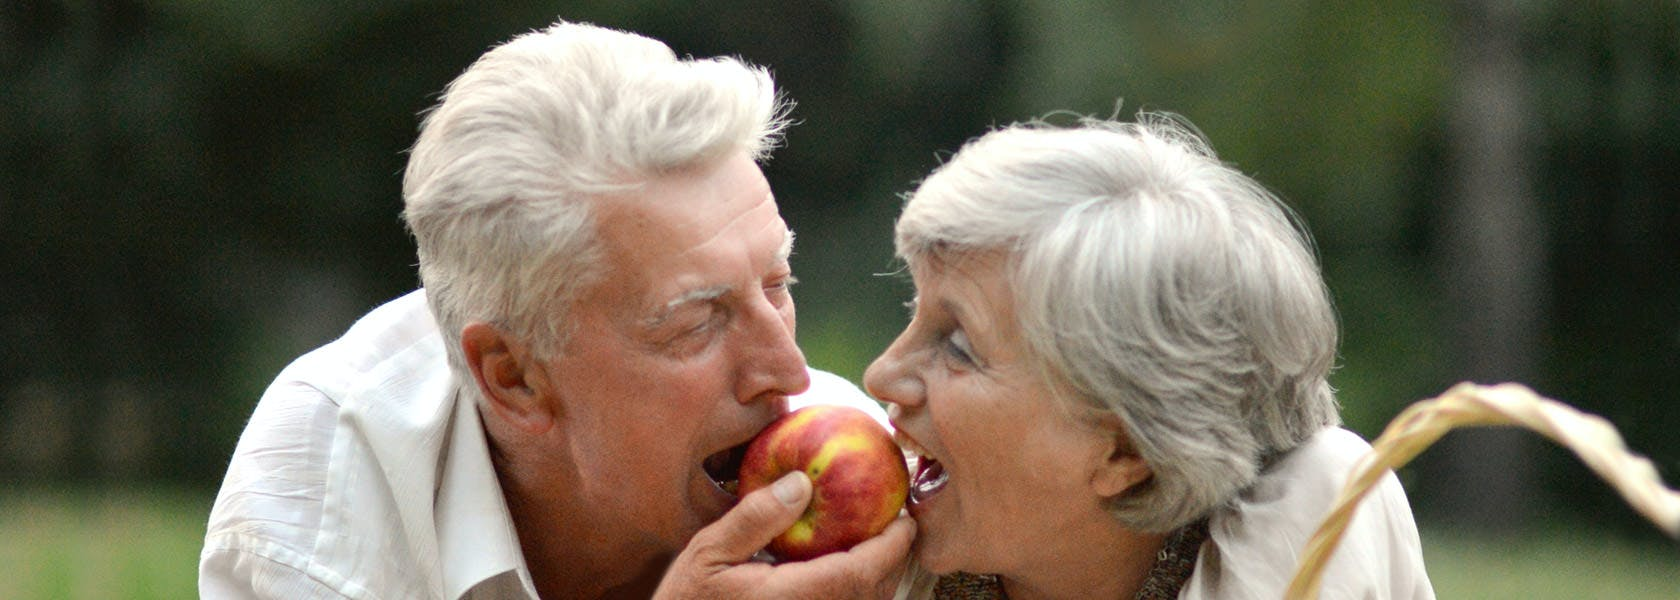 Pareja de adultos mayores comiendo una manzana y sonriendo